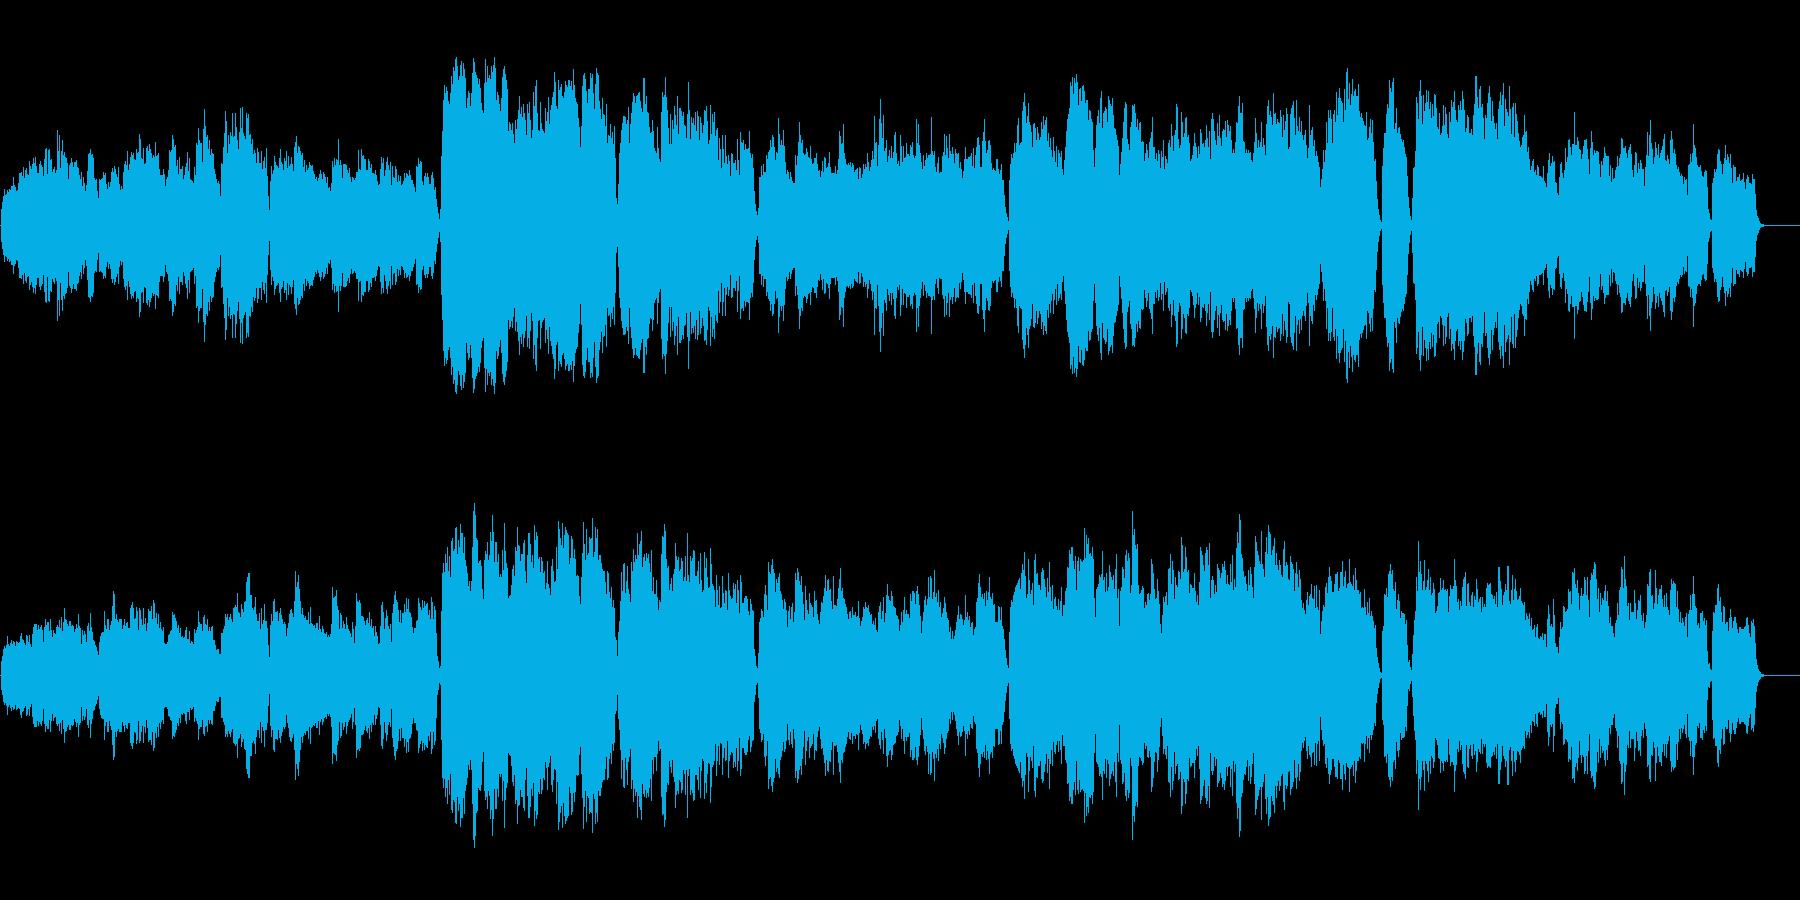 銀世界を想う荘厳なオーケストラサウンドの再生済みの波形